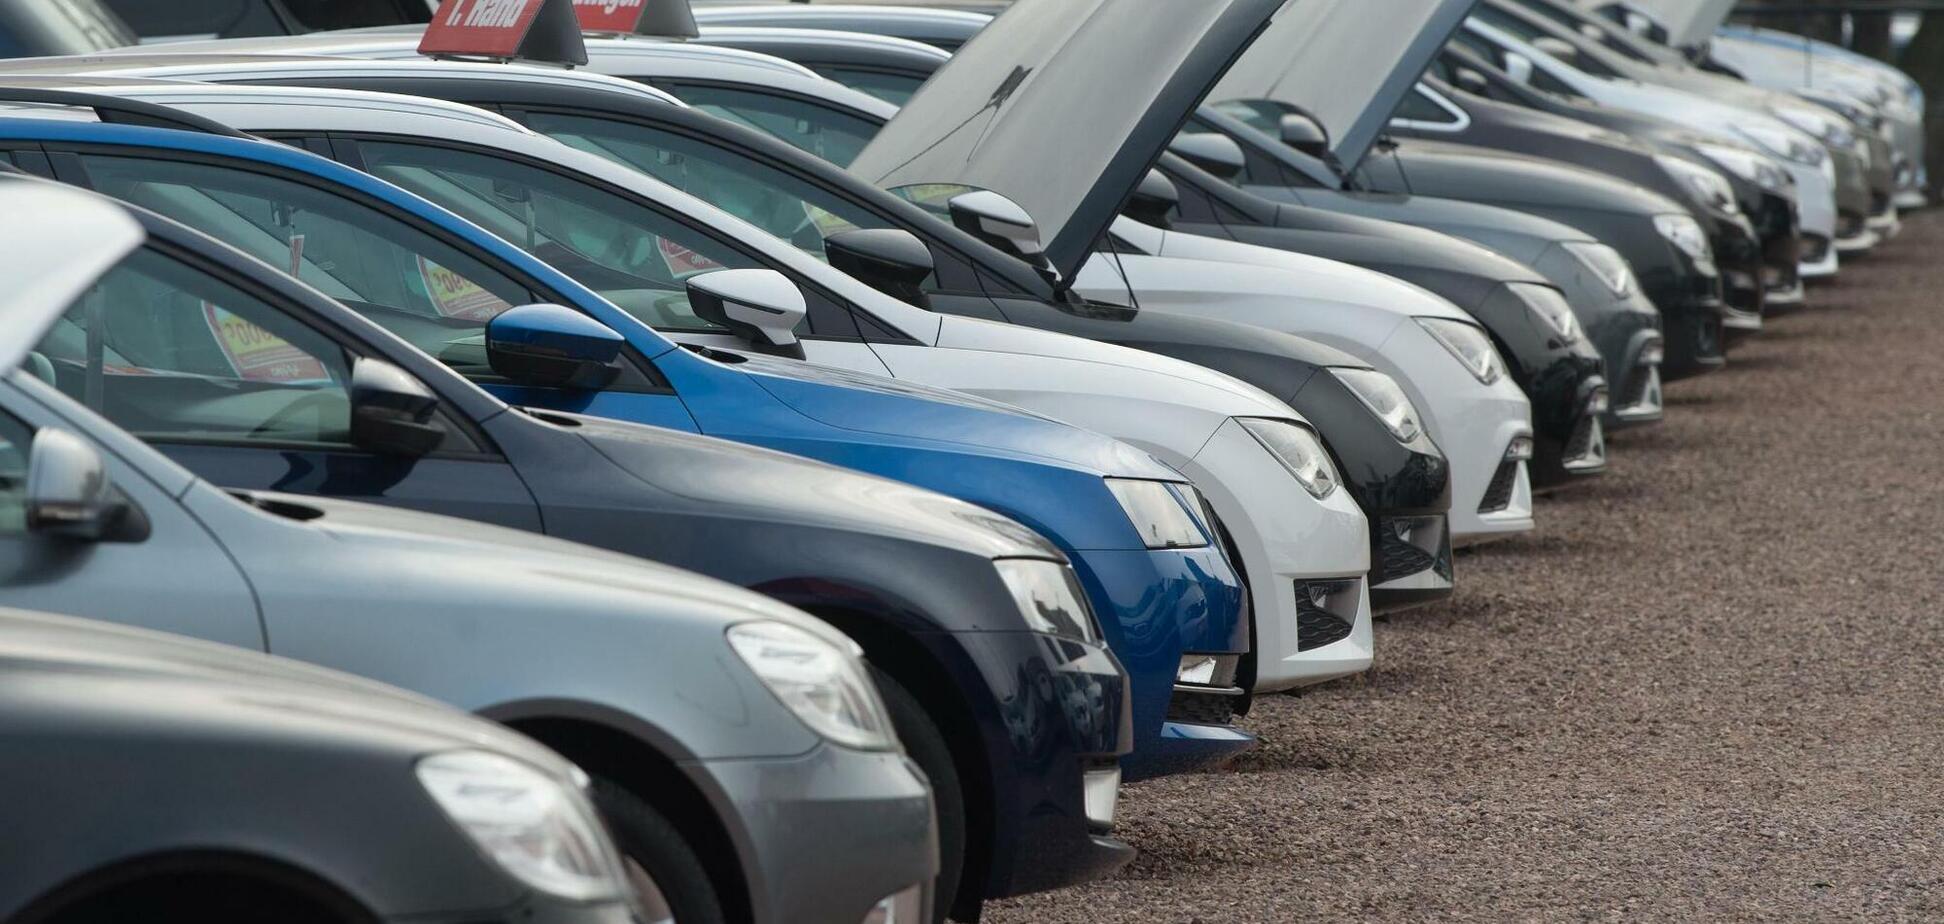 В Украине могут подорожать б/у авто из Германии: о каких именно машинах идет речь